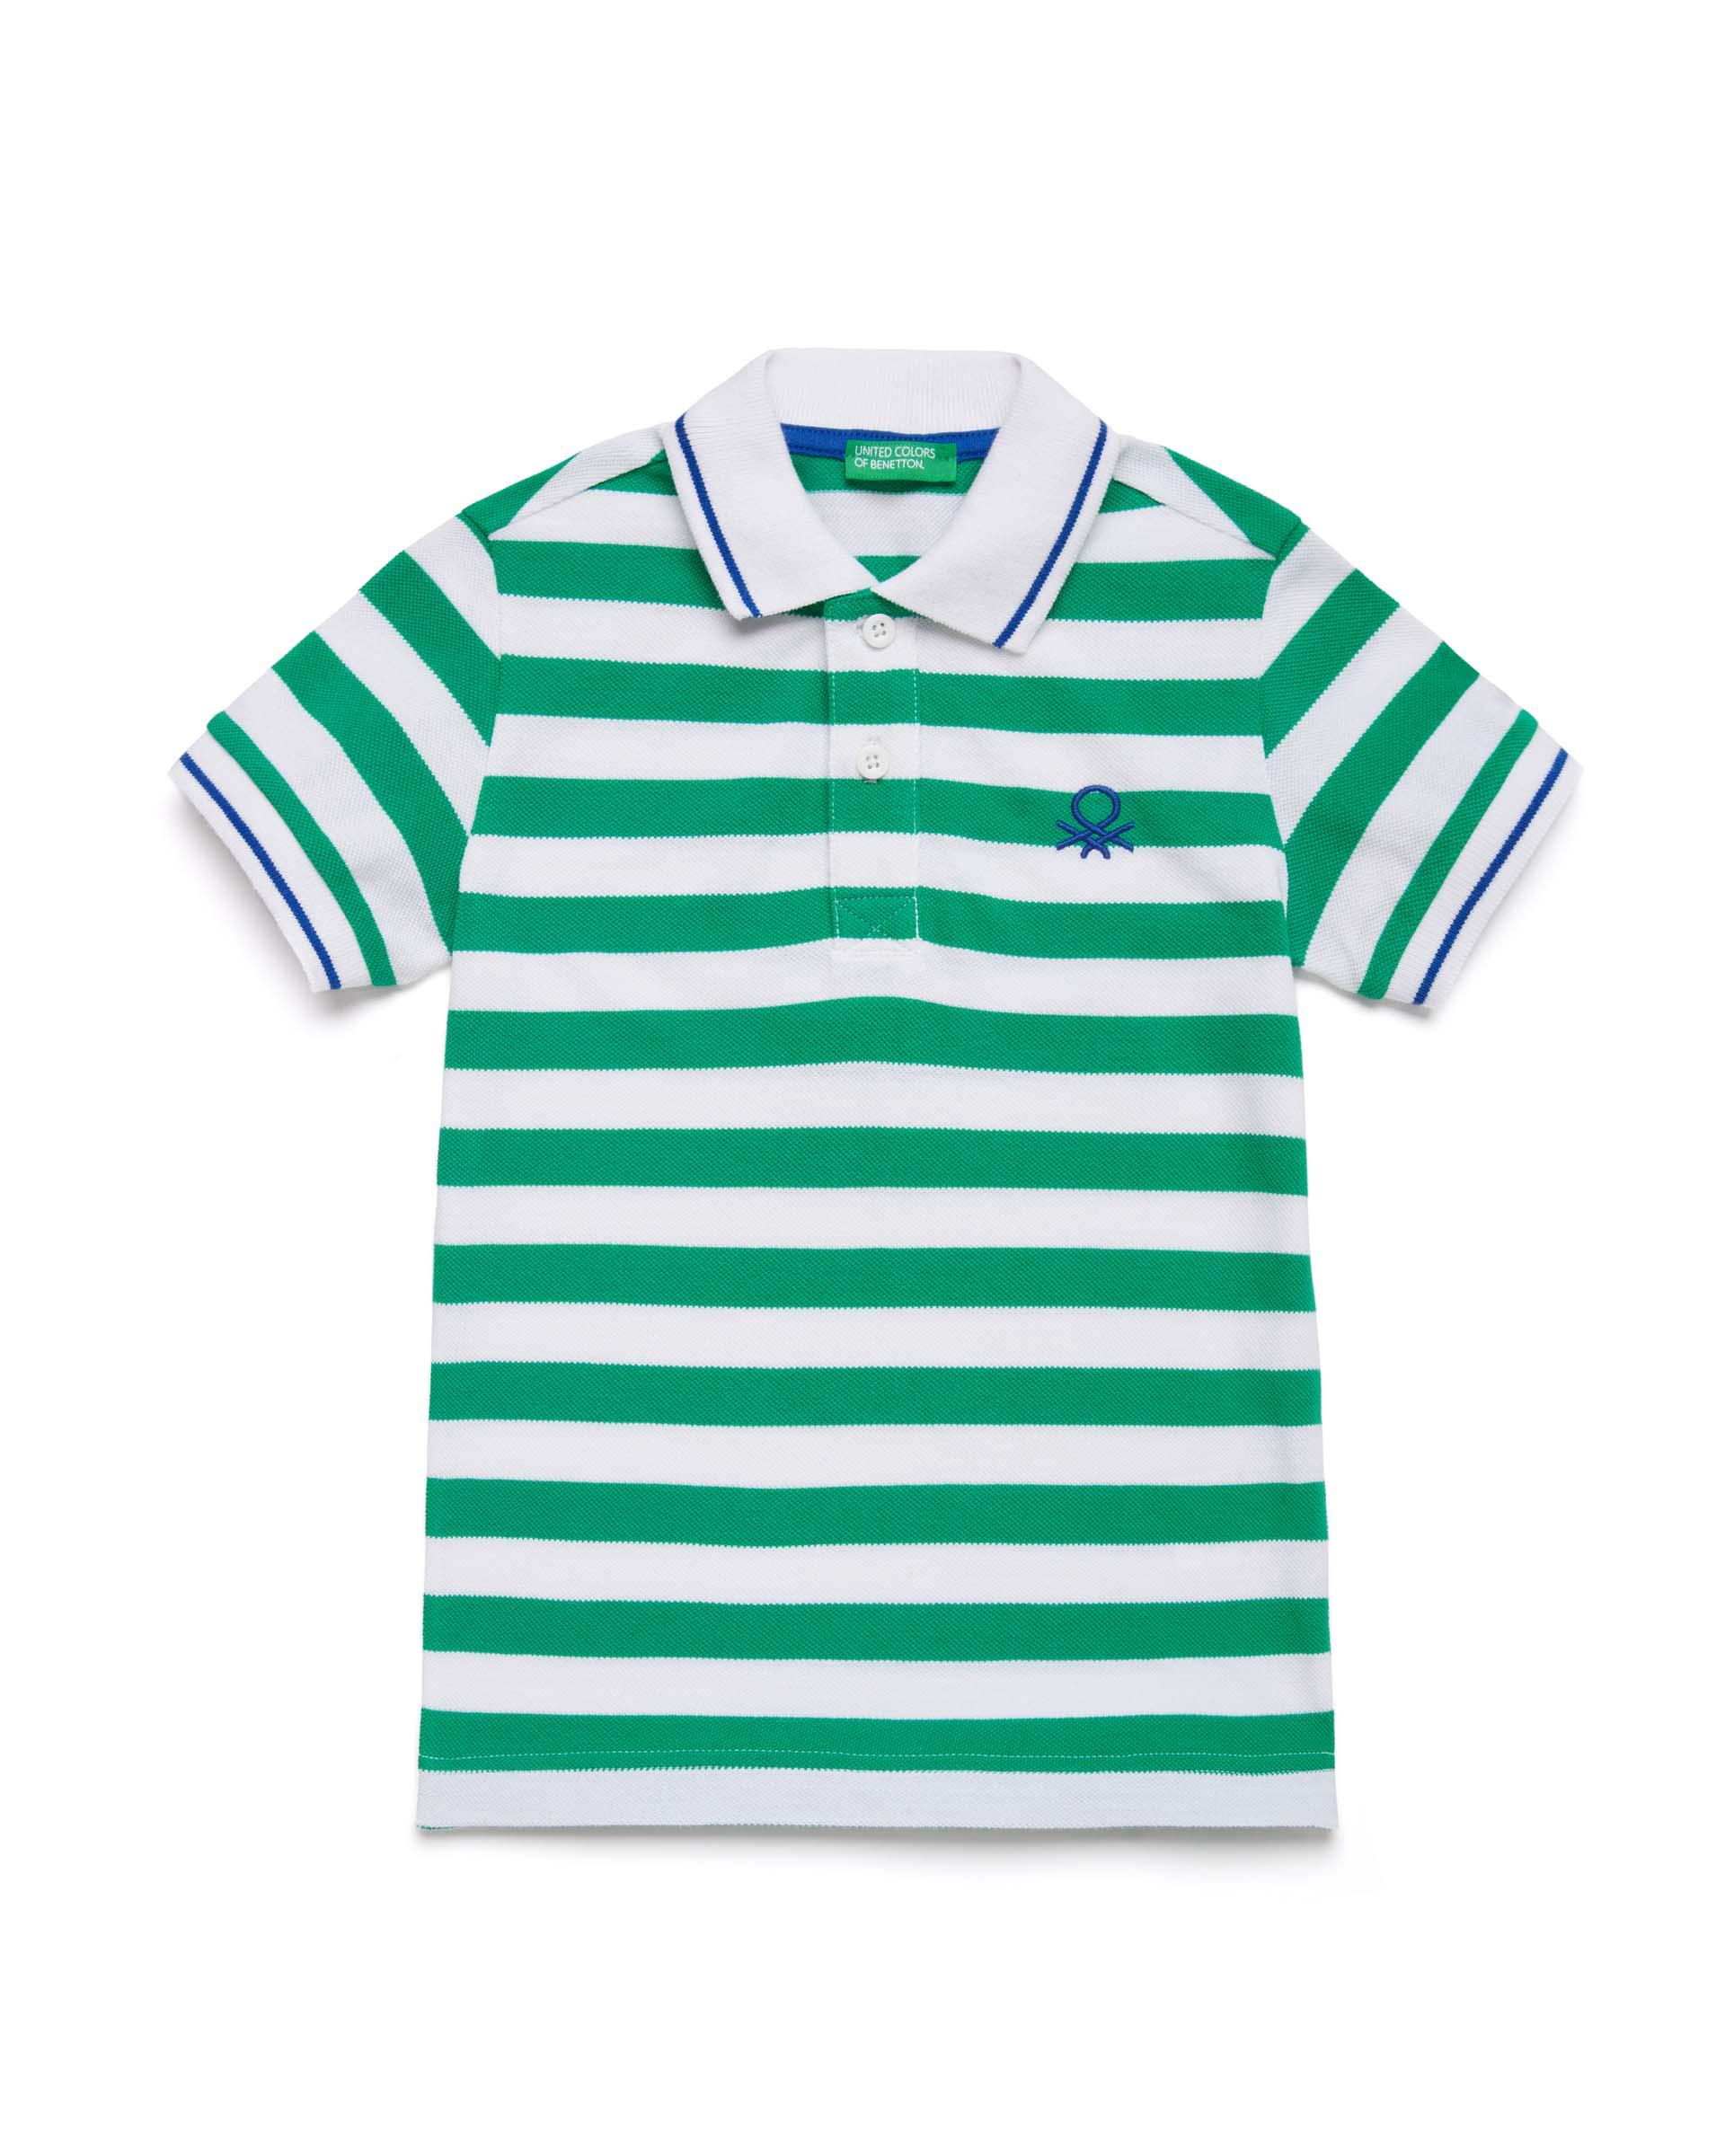 Купить 20P_3NQ7C3124_904, Поло-пике для мальчиков Benetton 3NQ7C3124_904 р-р 92, United Colors of Benetton, Кофточки, футболки для новорожденных